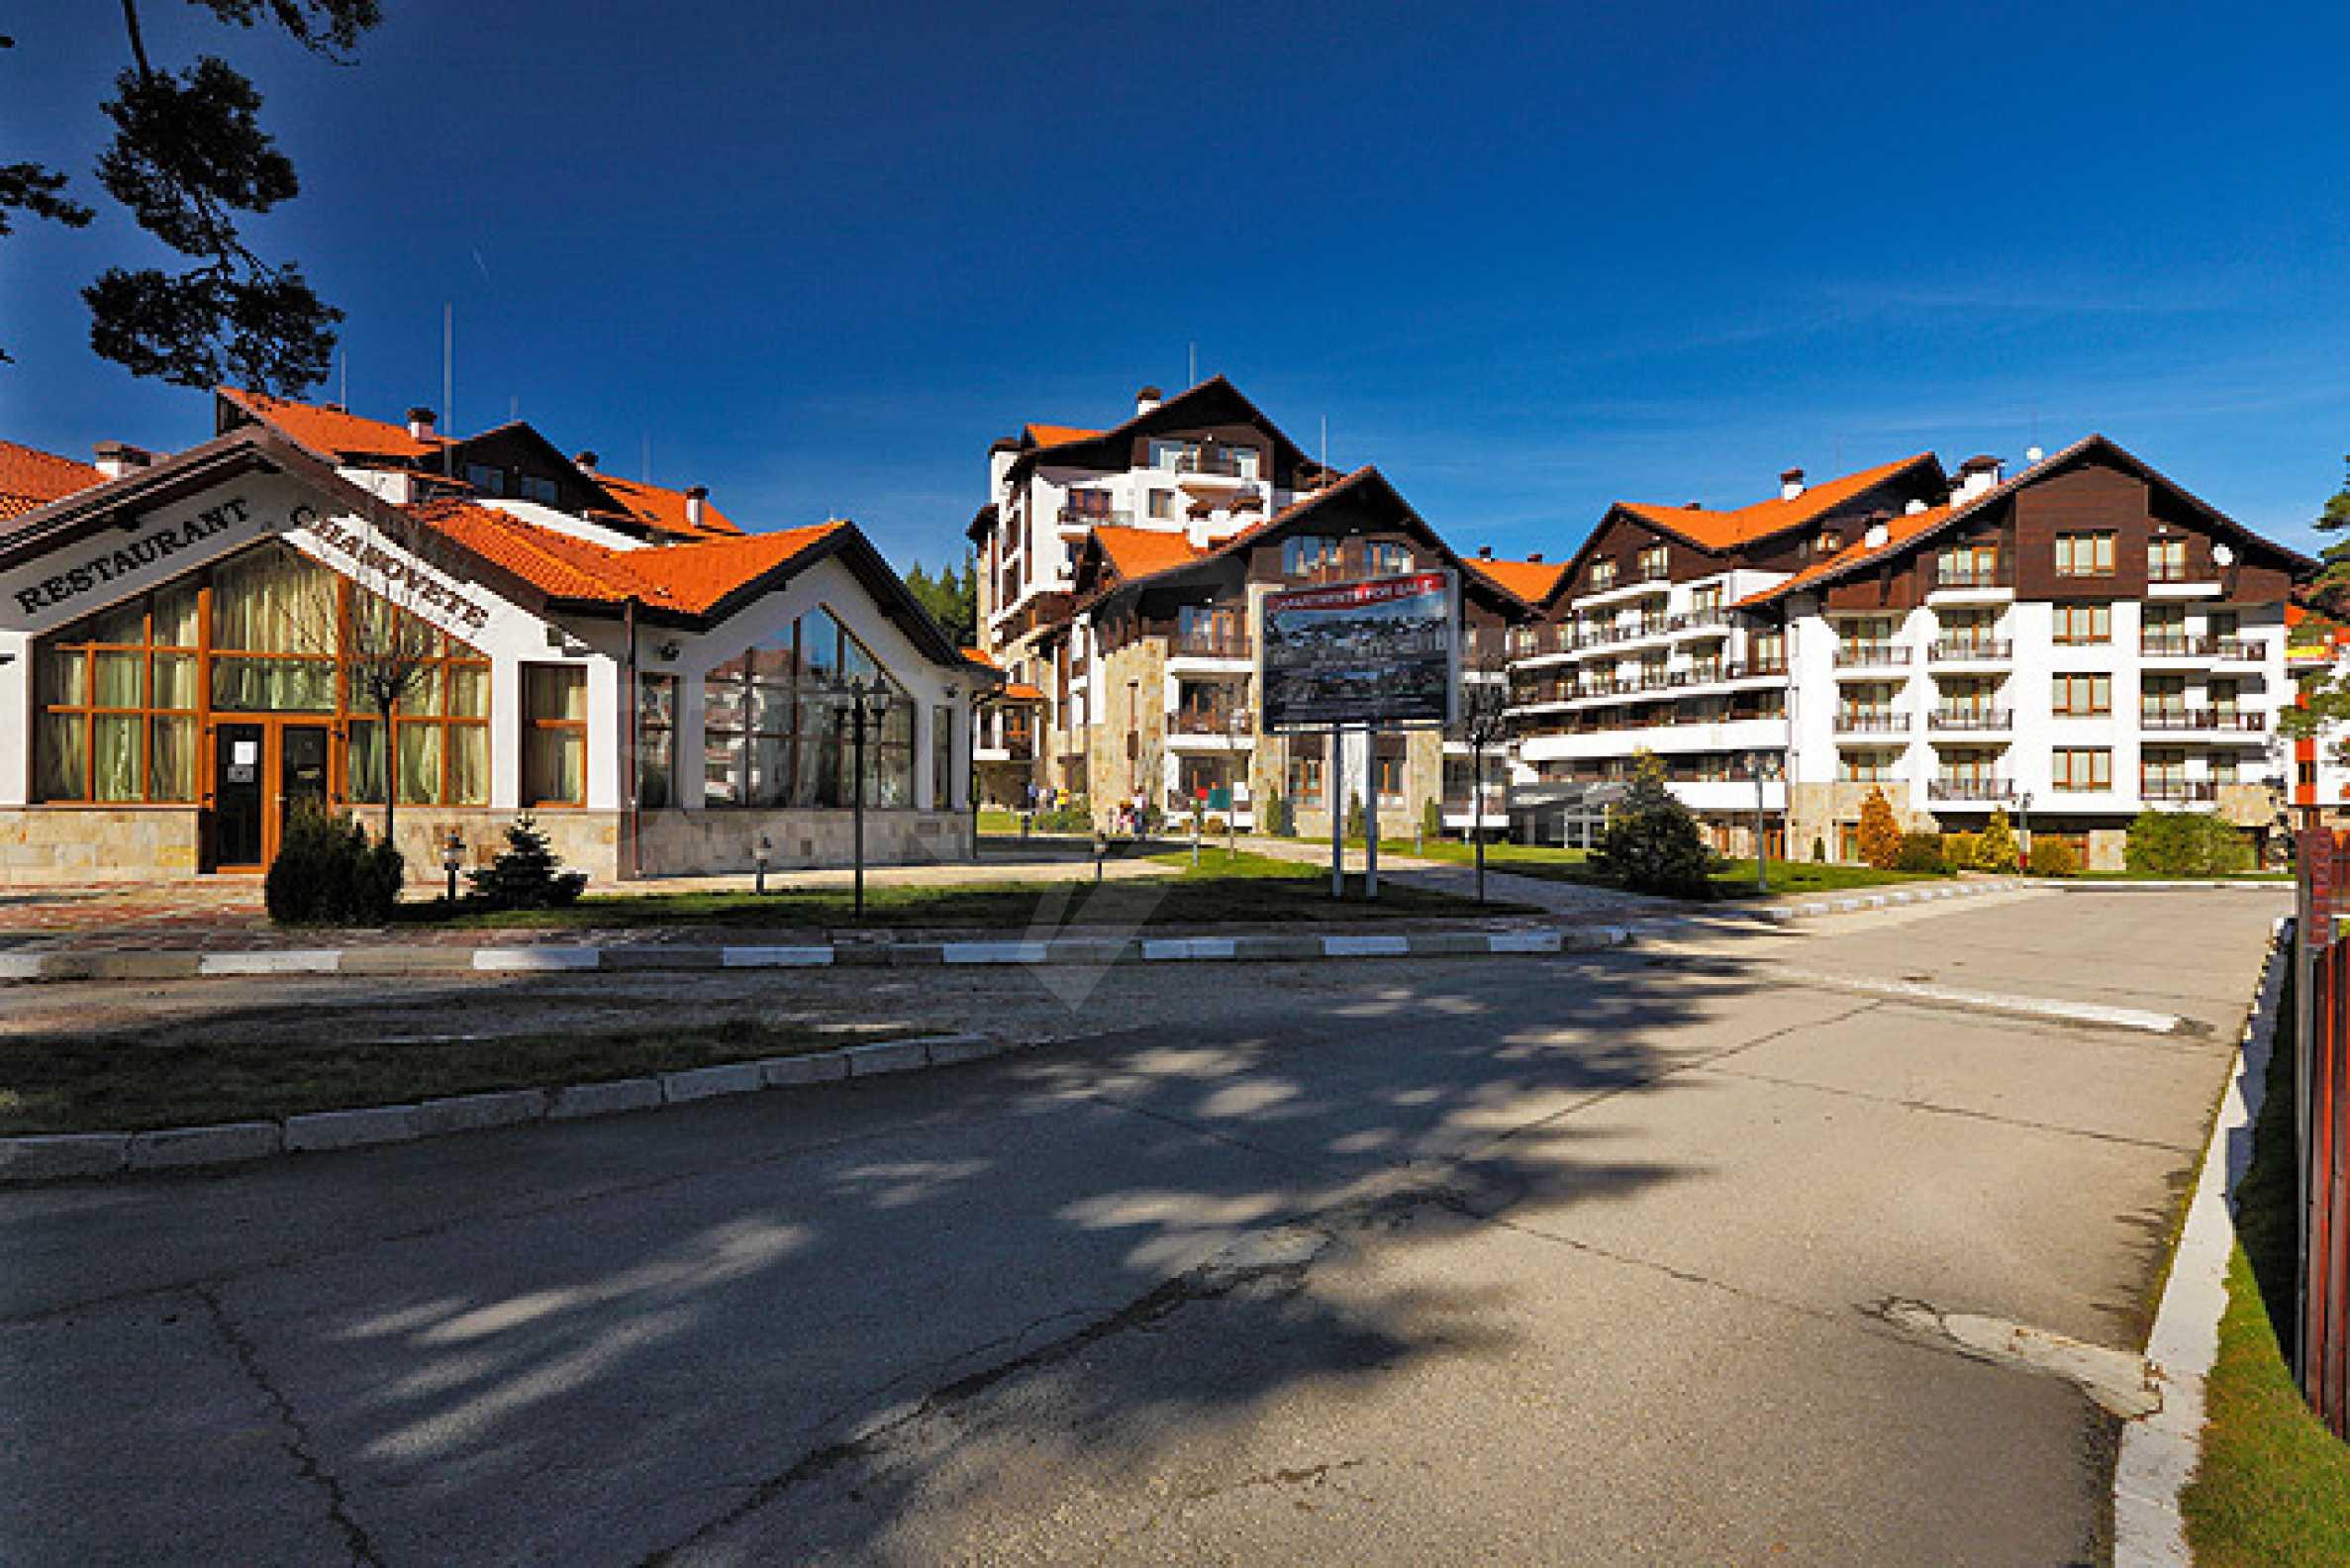 Първокласни апартаменти за продажба на метри от писта Ястребец в Боровец 4